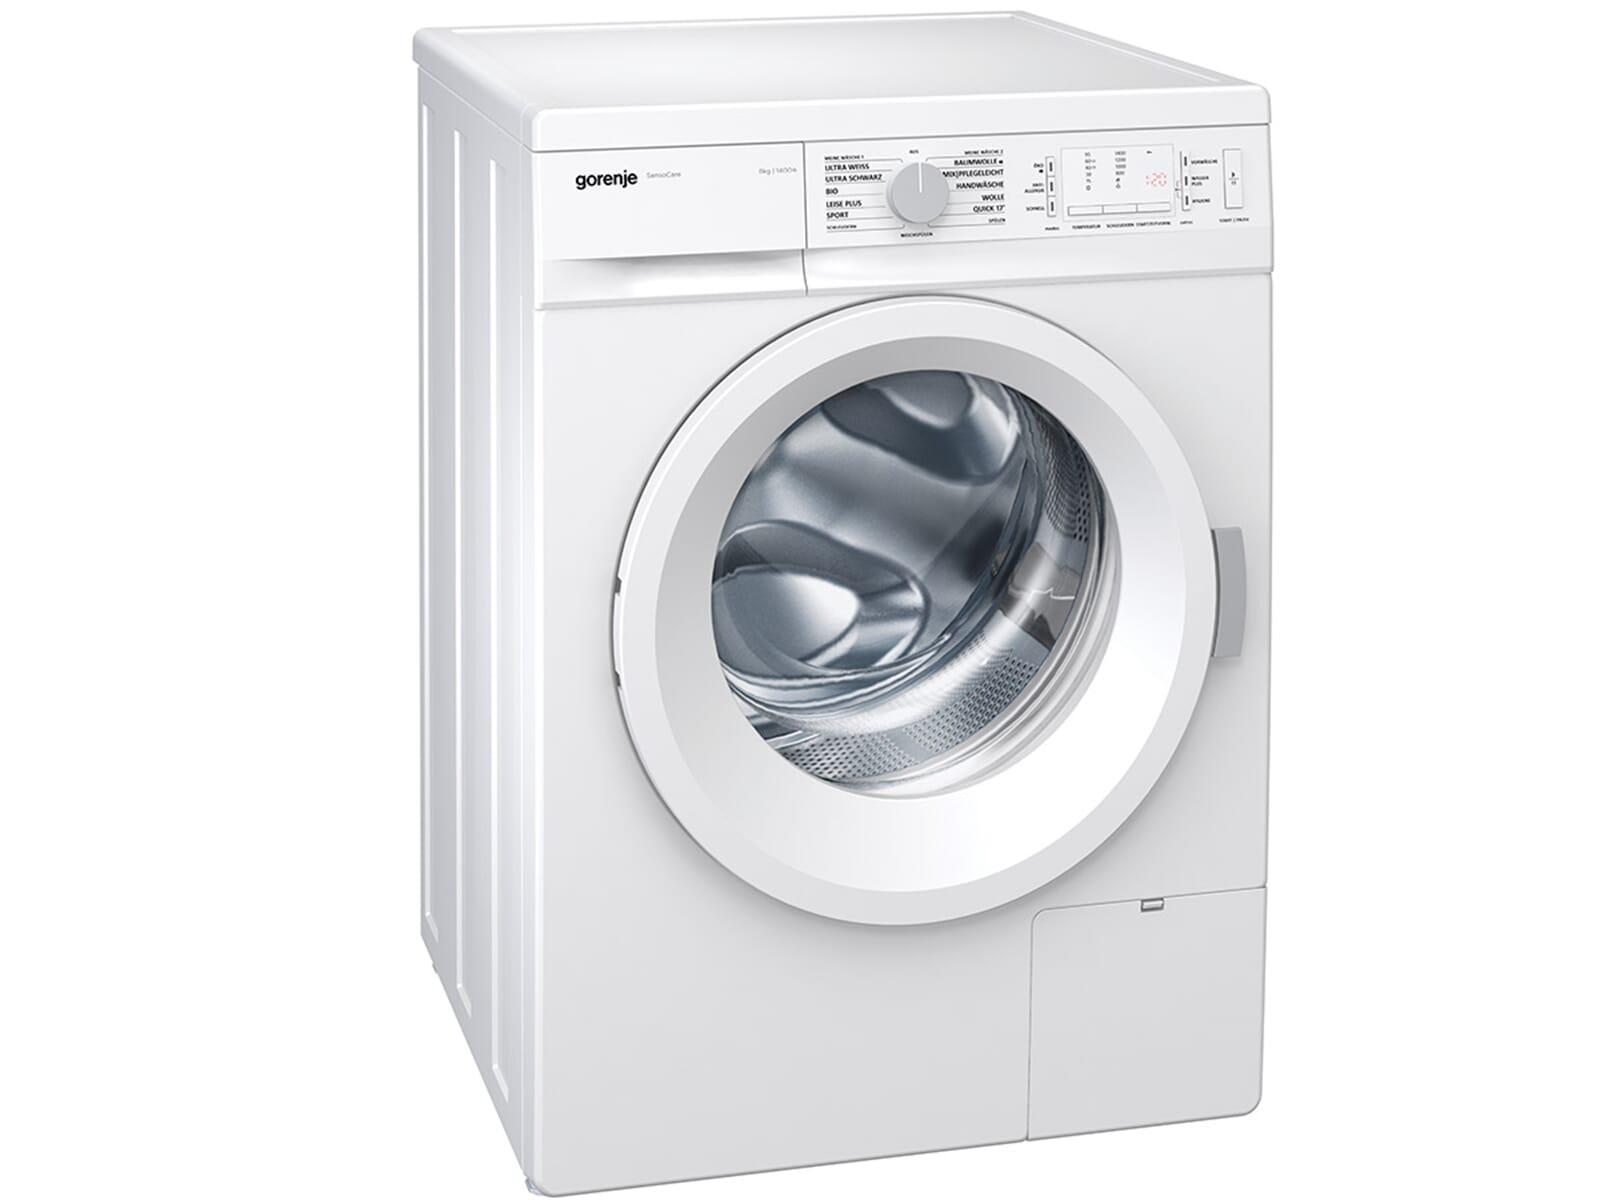 gorenje wa8440p stand waschmaschine wei f r 358 90 eur. Black Bedroom Furniture Sets. Home Design Ideas